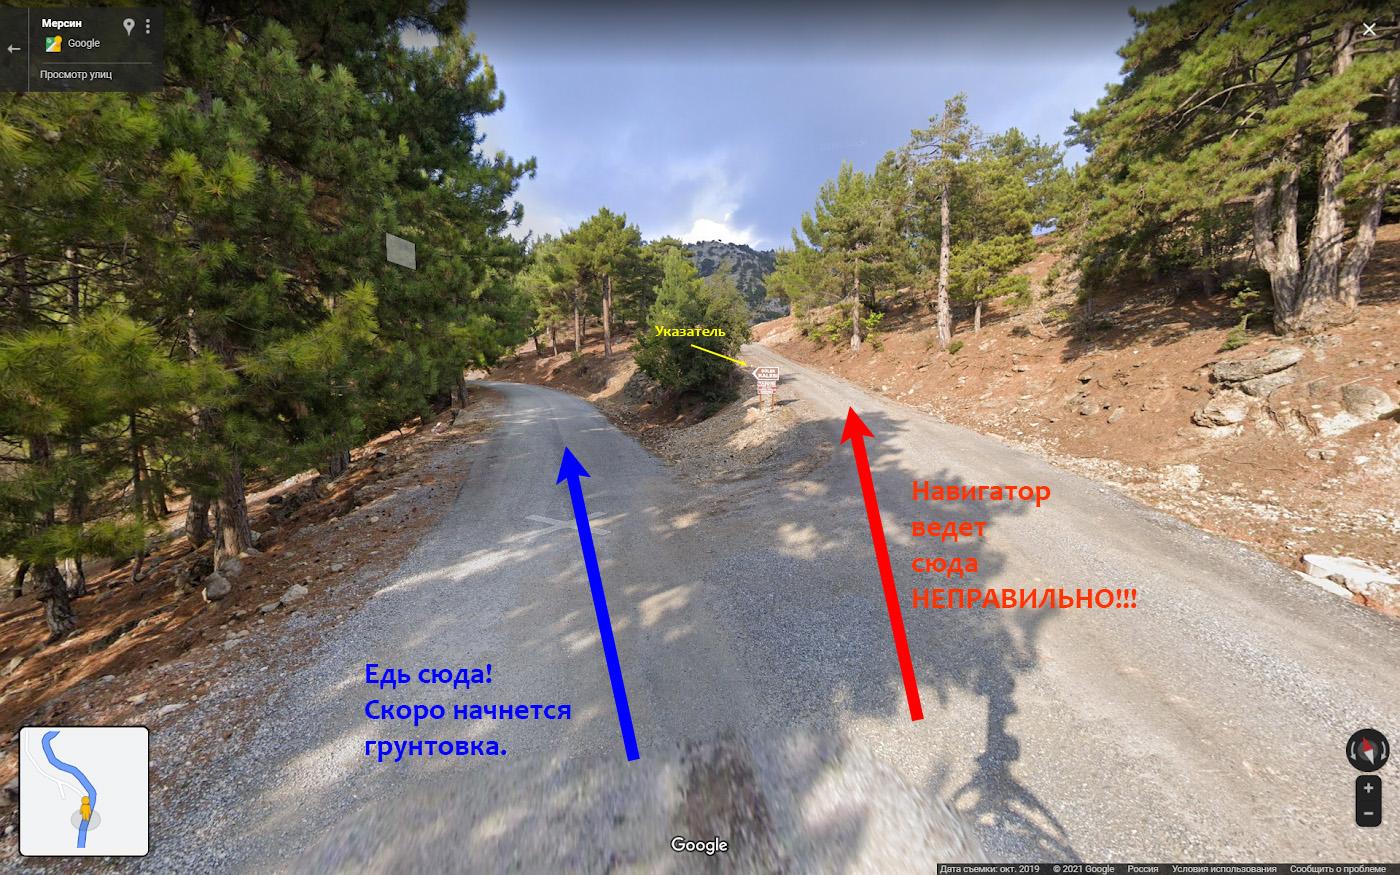 3. Чтобы добраться к «Языку Тролля» у замка Гюлек, нужно на этой развилке свернуть по указателю влево, не обращая внимания на вопли навигатора.